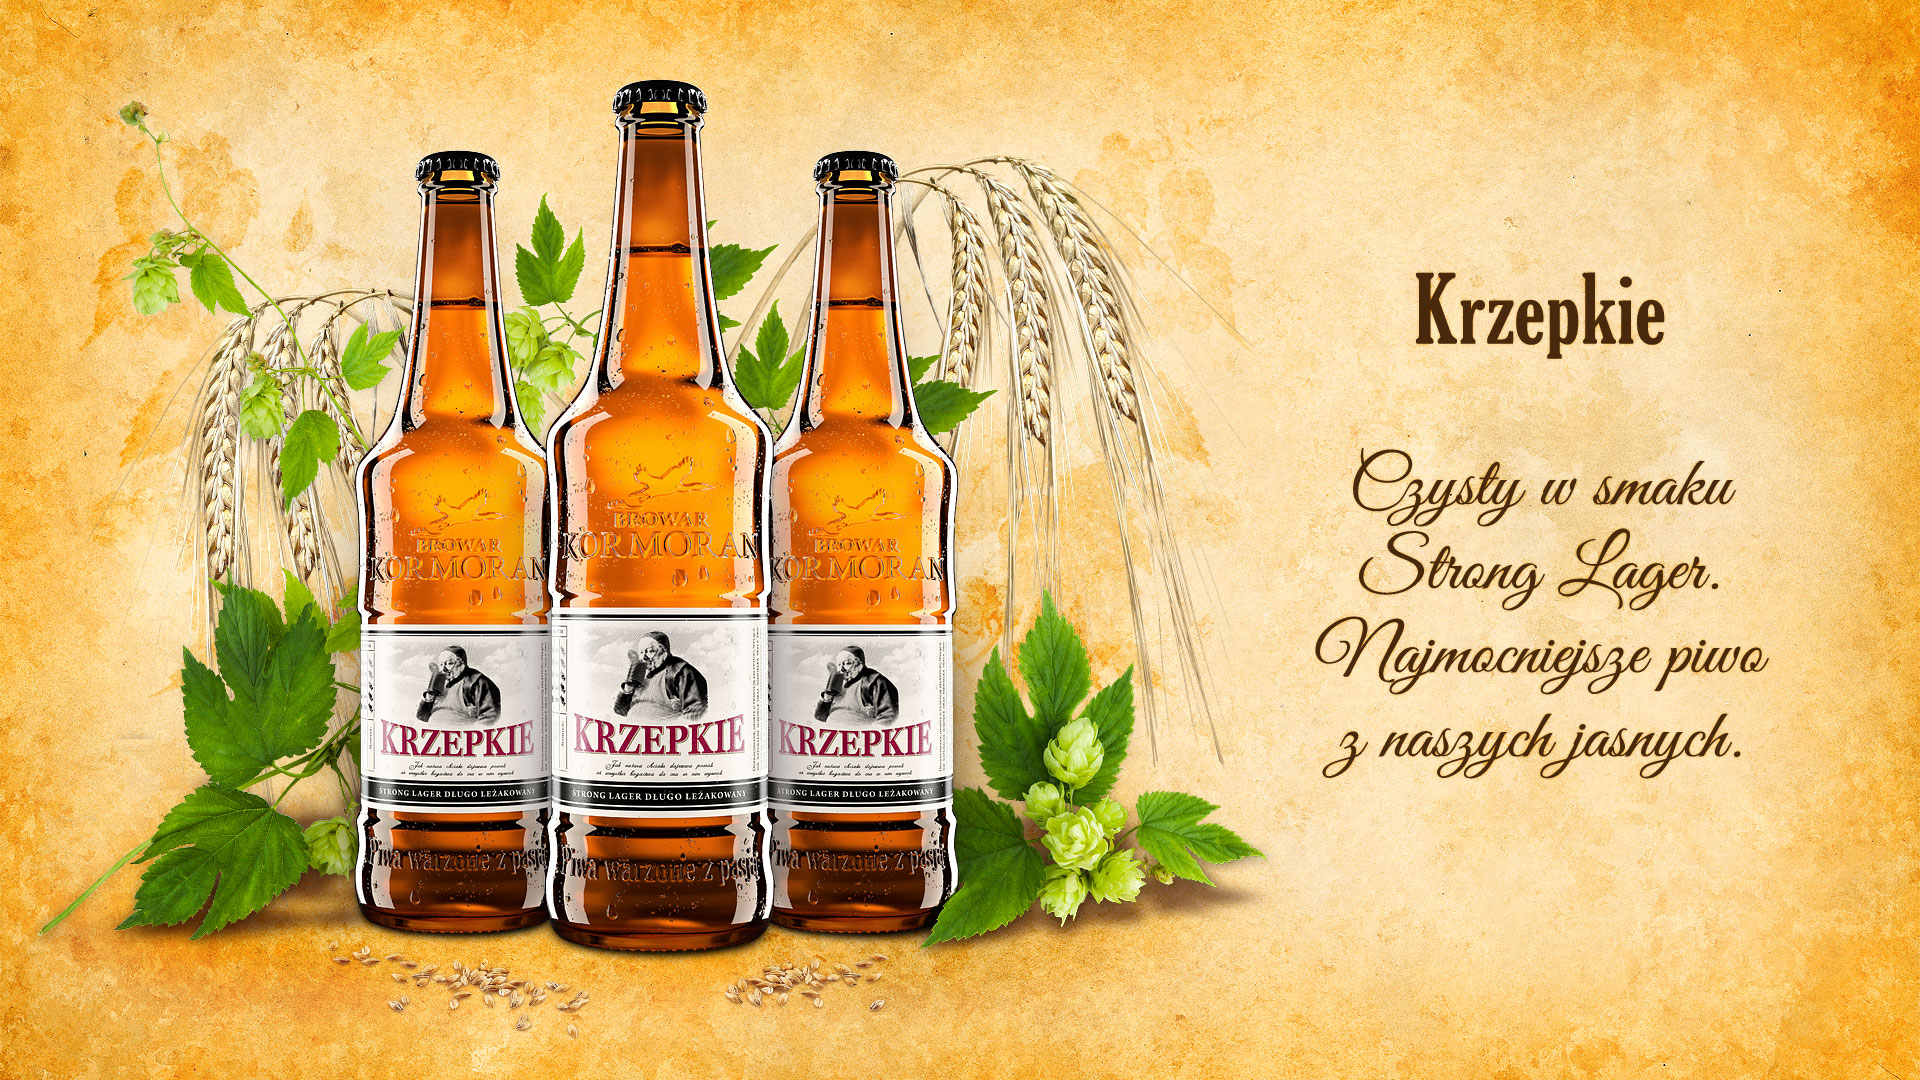 Piwo Krzepkie - Browar Kormoran